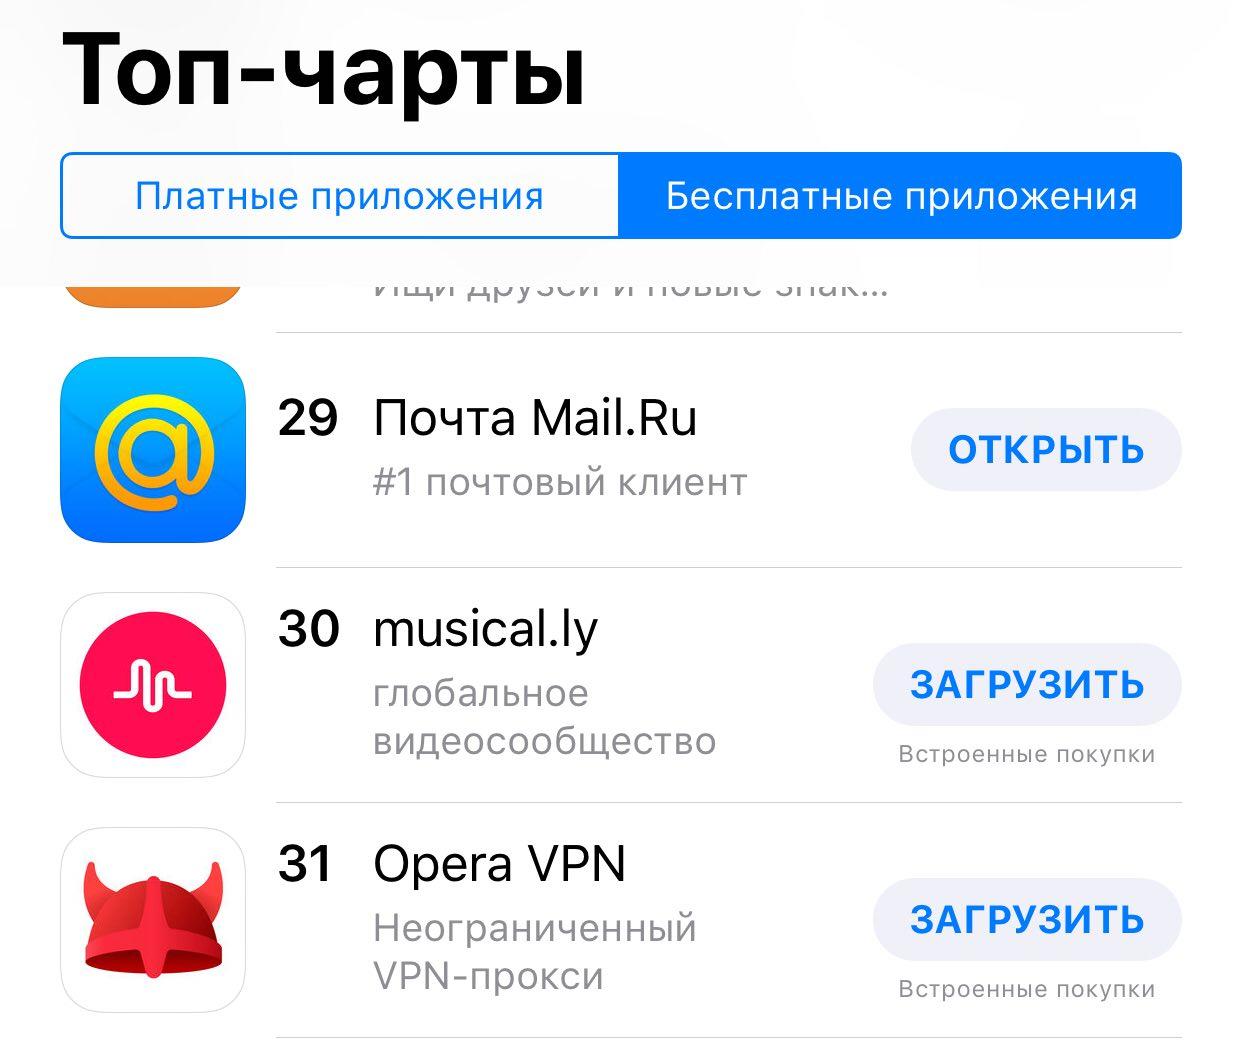 Opera VPN на 31 позиции в рейтинге самых популярных бесплатных приложений App Store на 16 апреля